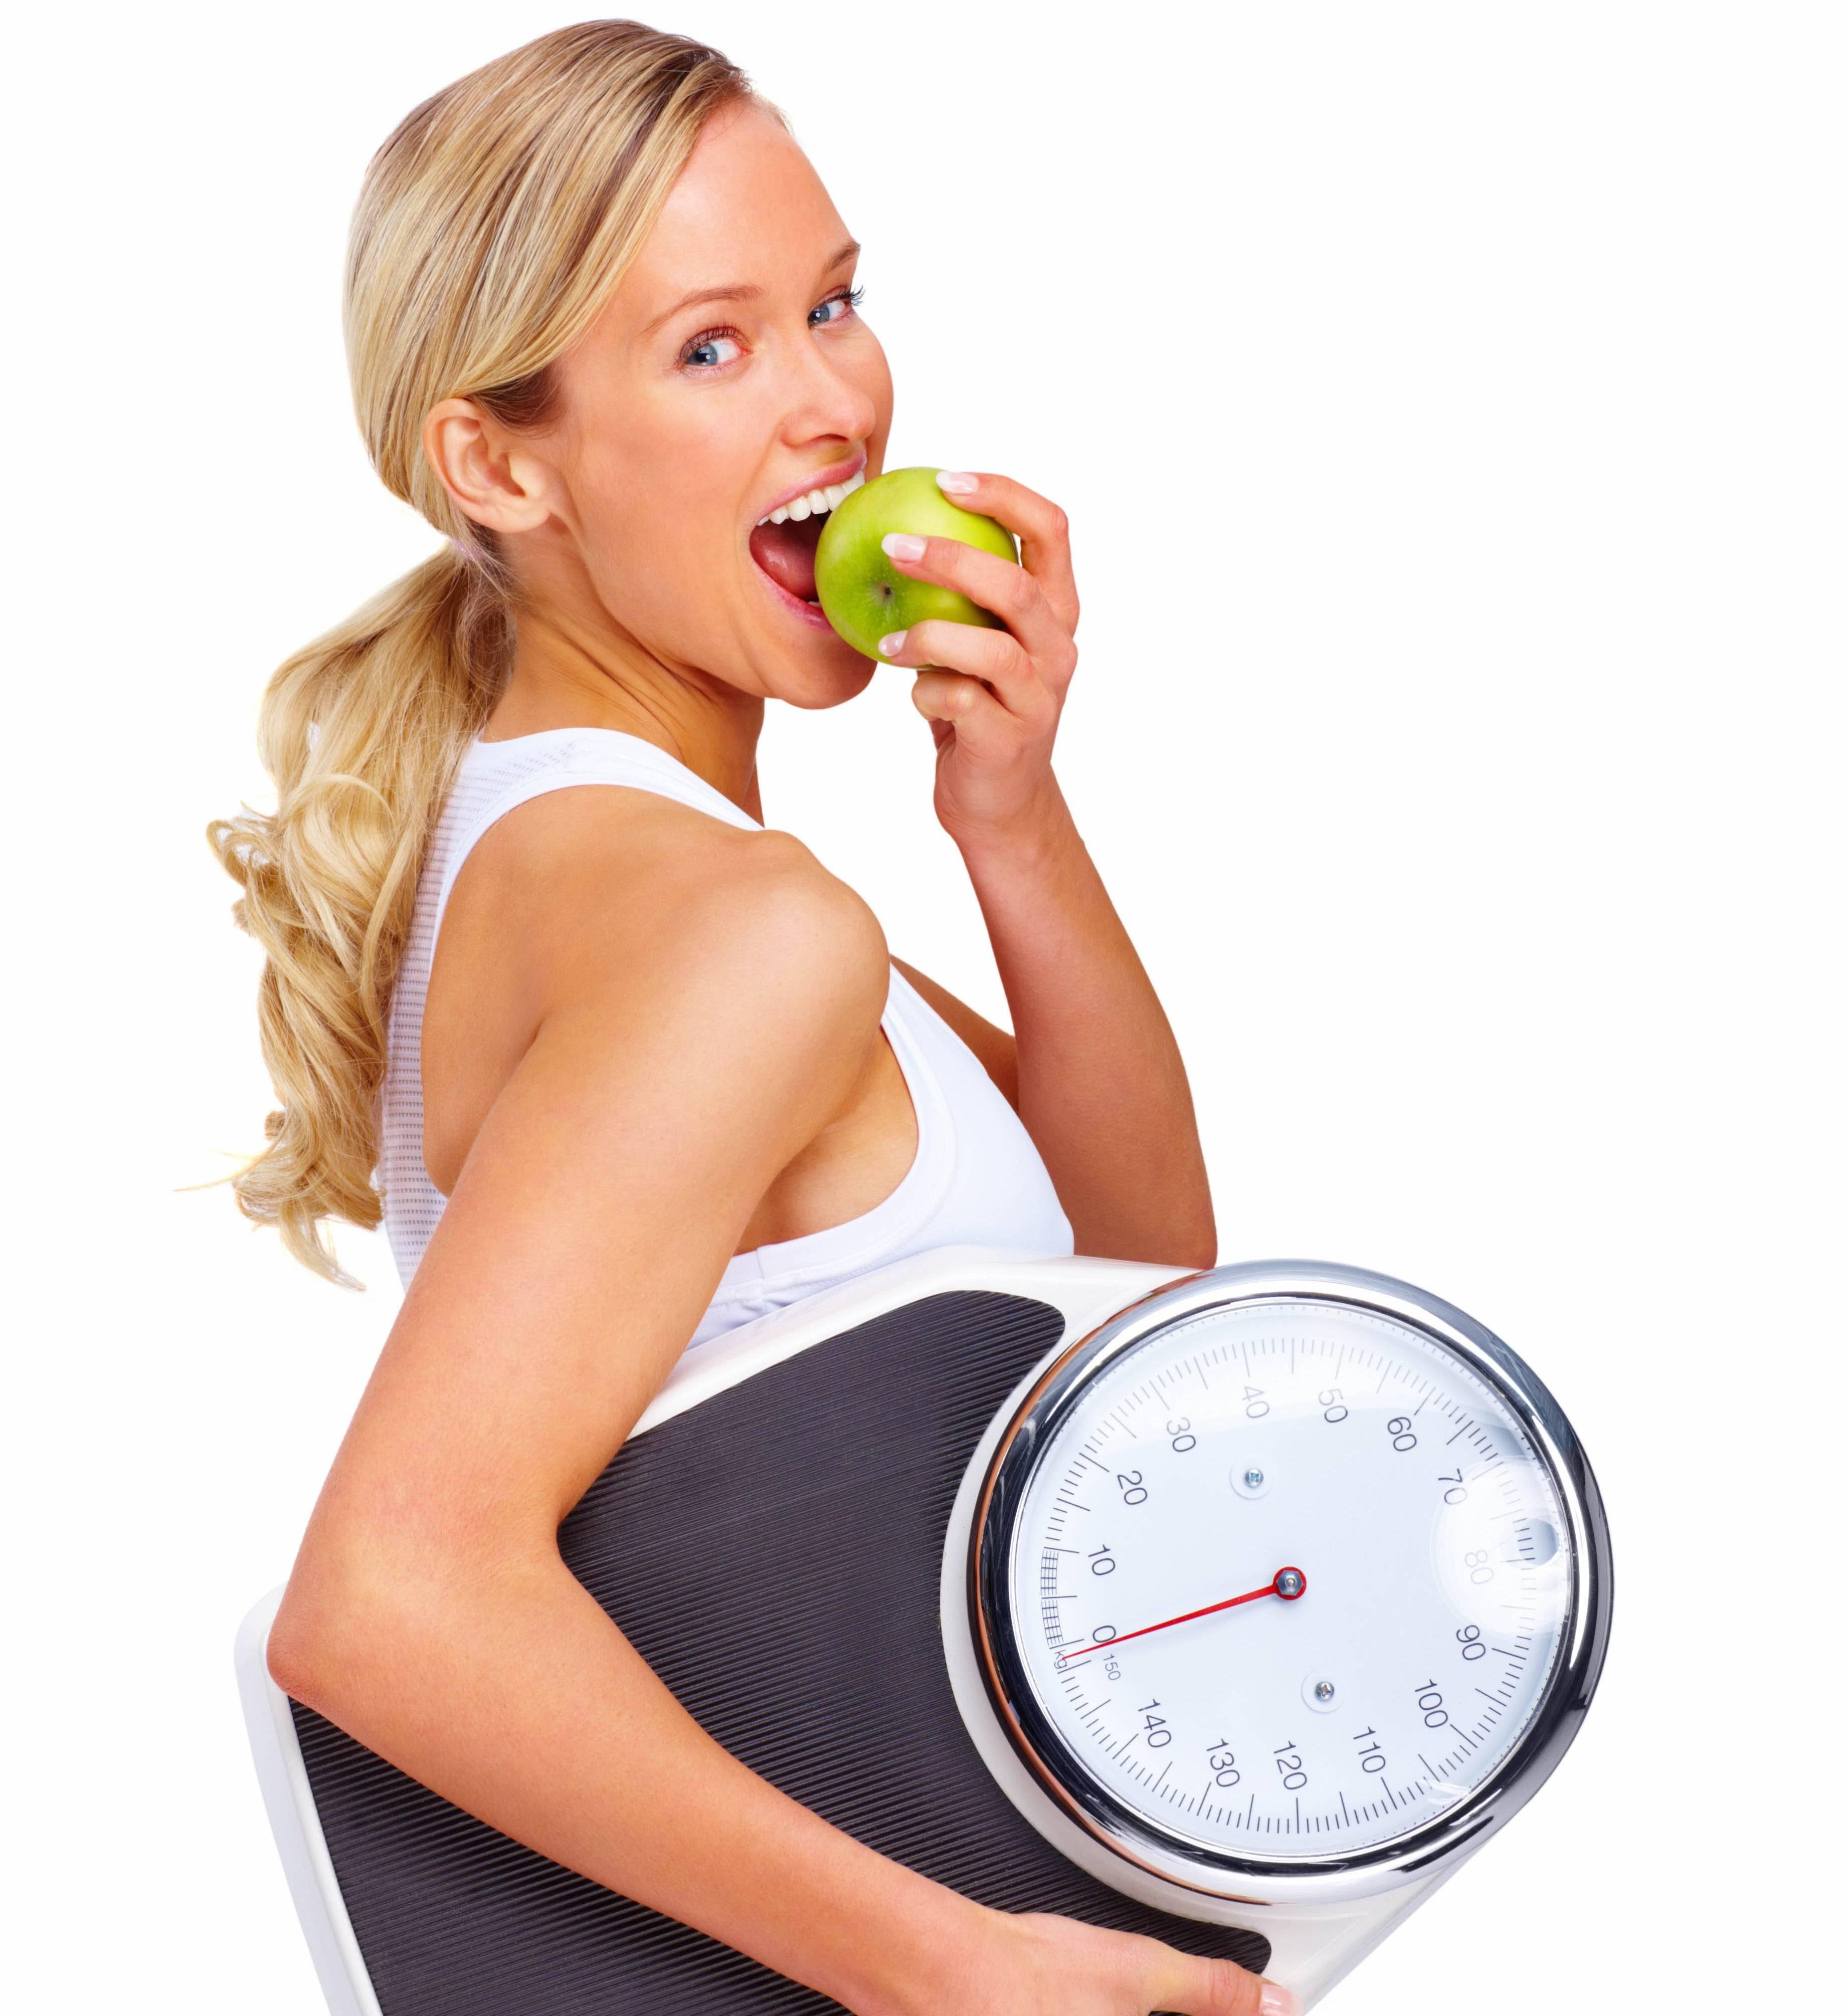 похудеть правильно и навсегда за месяц